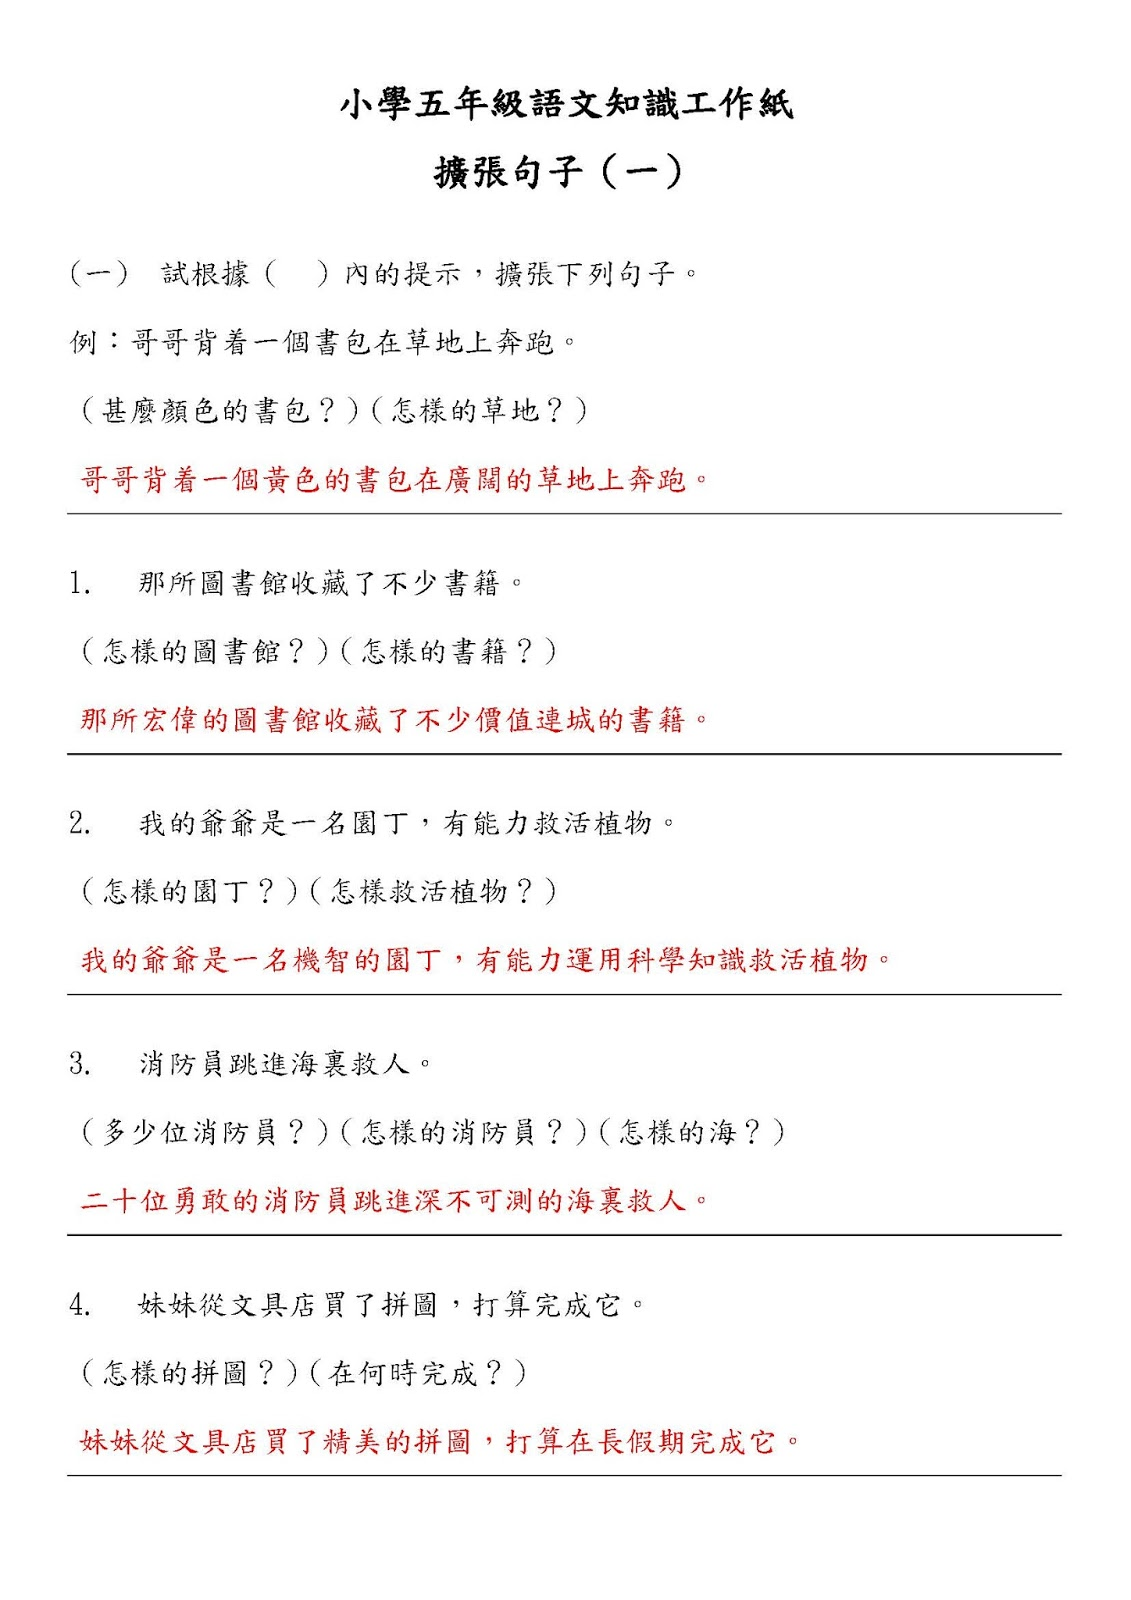 小五語文知識工作紙:擴張句子(一)|中文工作紙|尤莉姐姐的反轉學堂